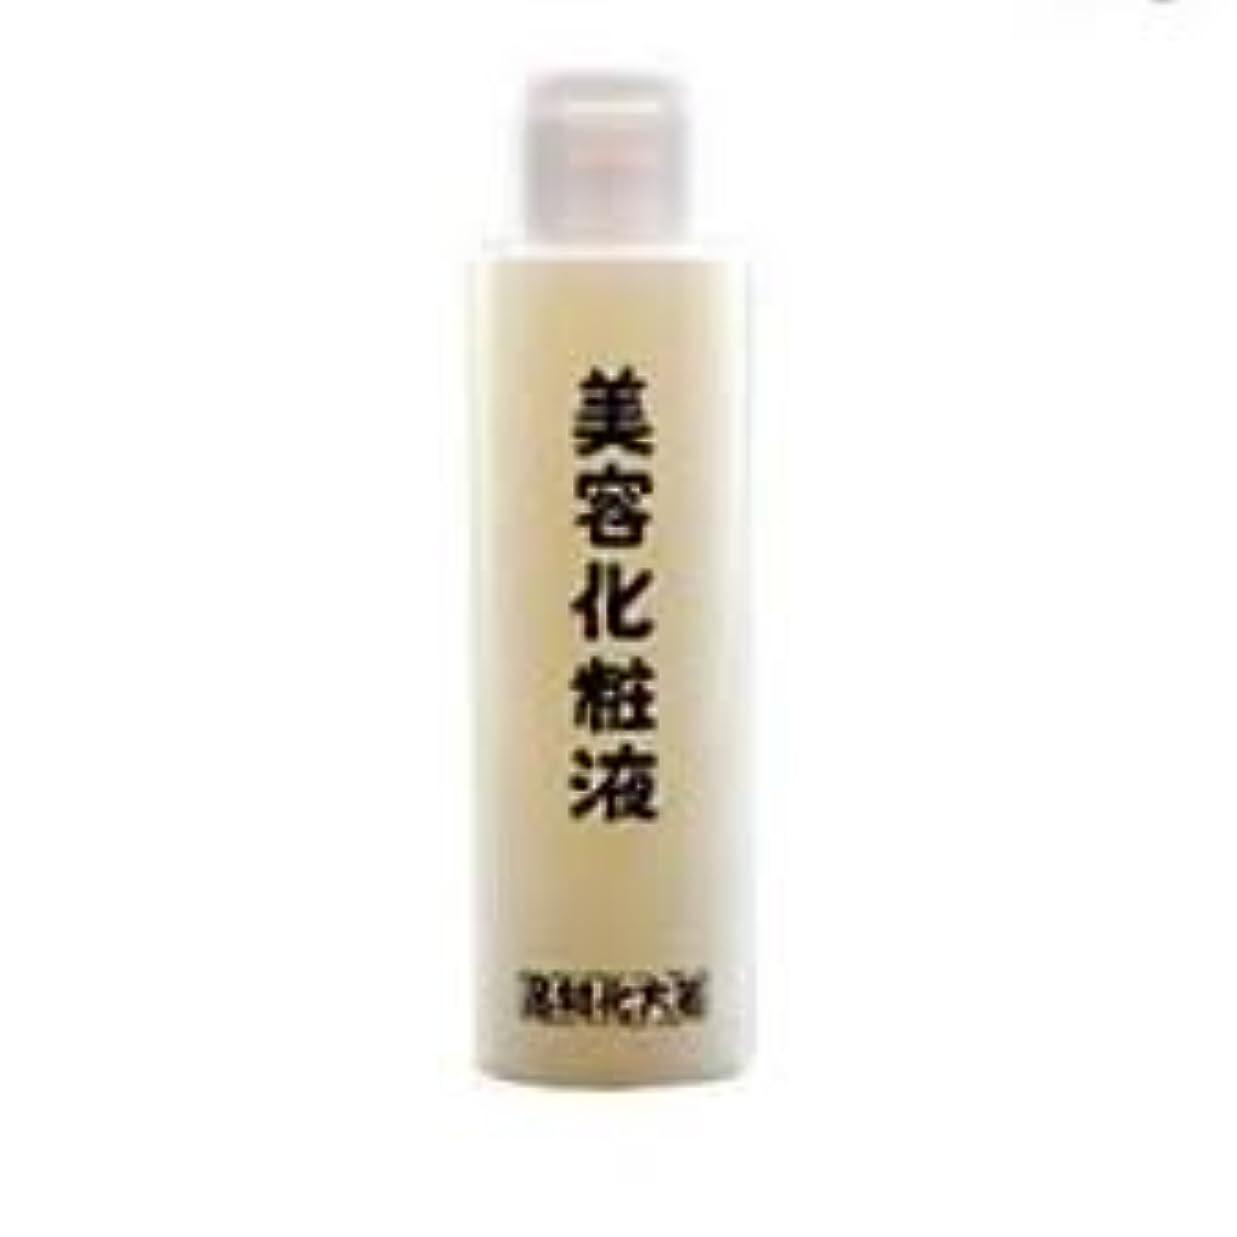 麻痺させるビルマ汗箸方化粧品 美容化粧液 化粧水 120ml はしかた化粧品